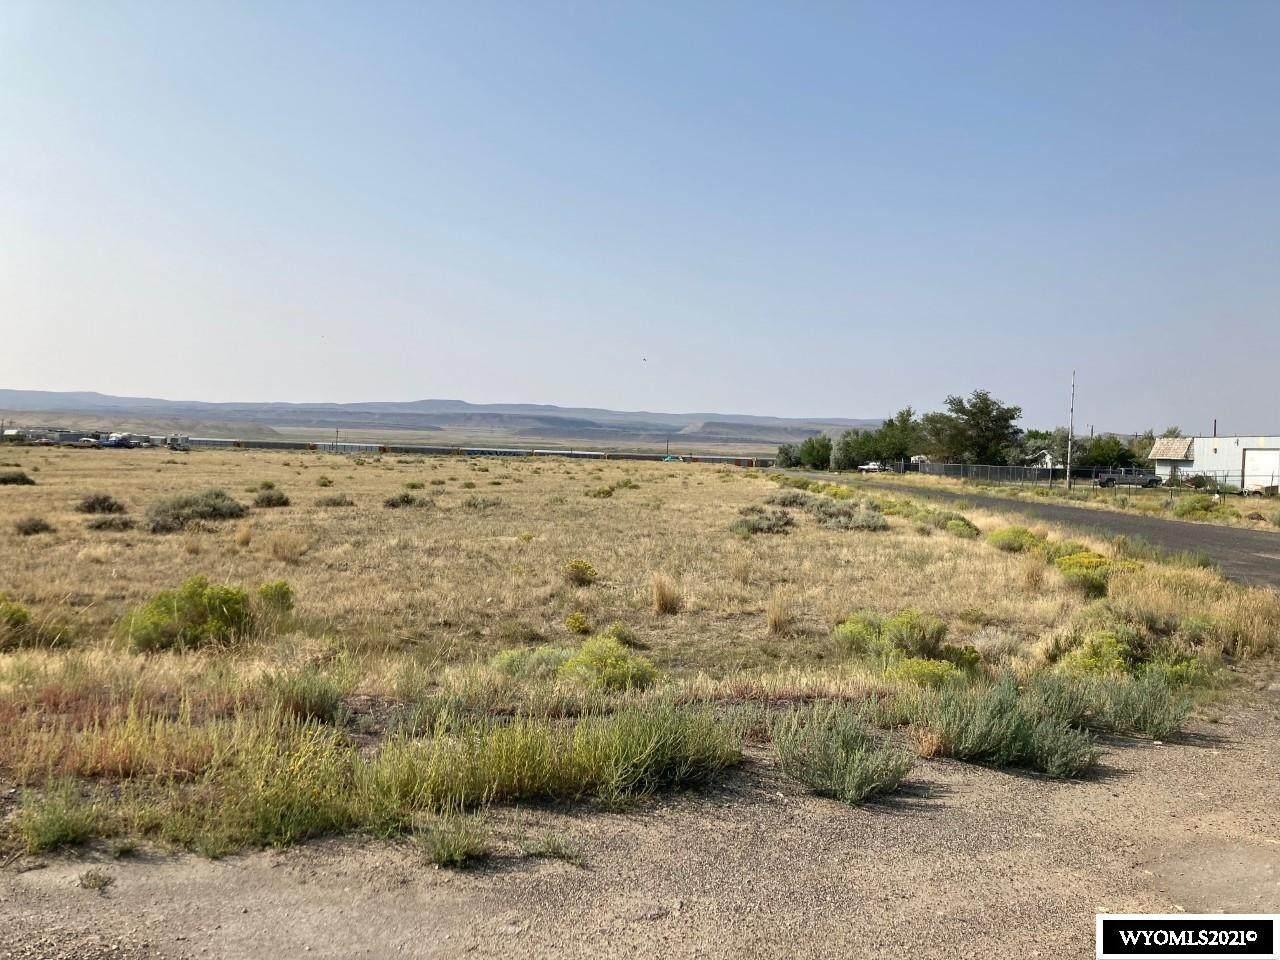 Lot 1,2,3 Blk 5 Skyline Acres - Photo 1